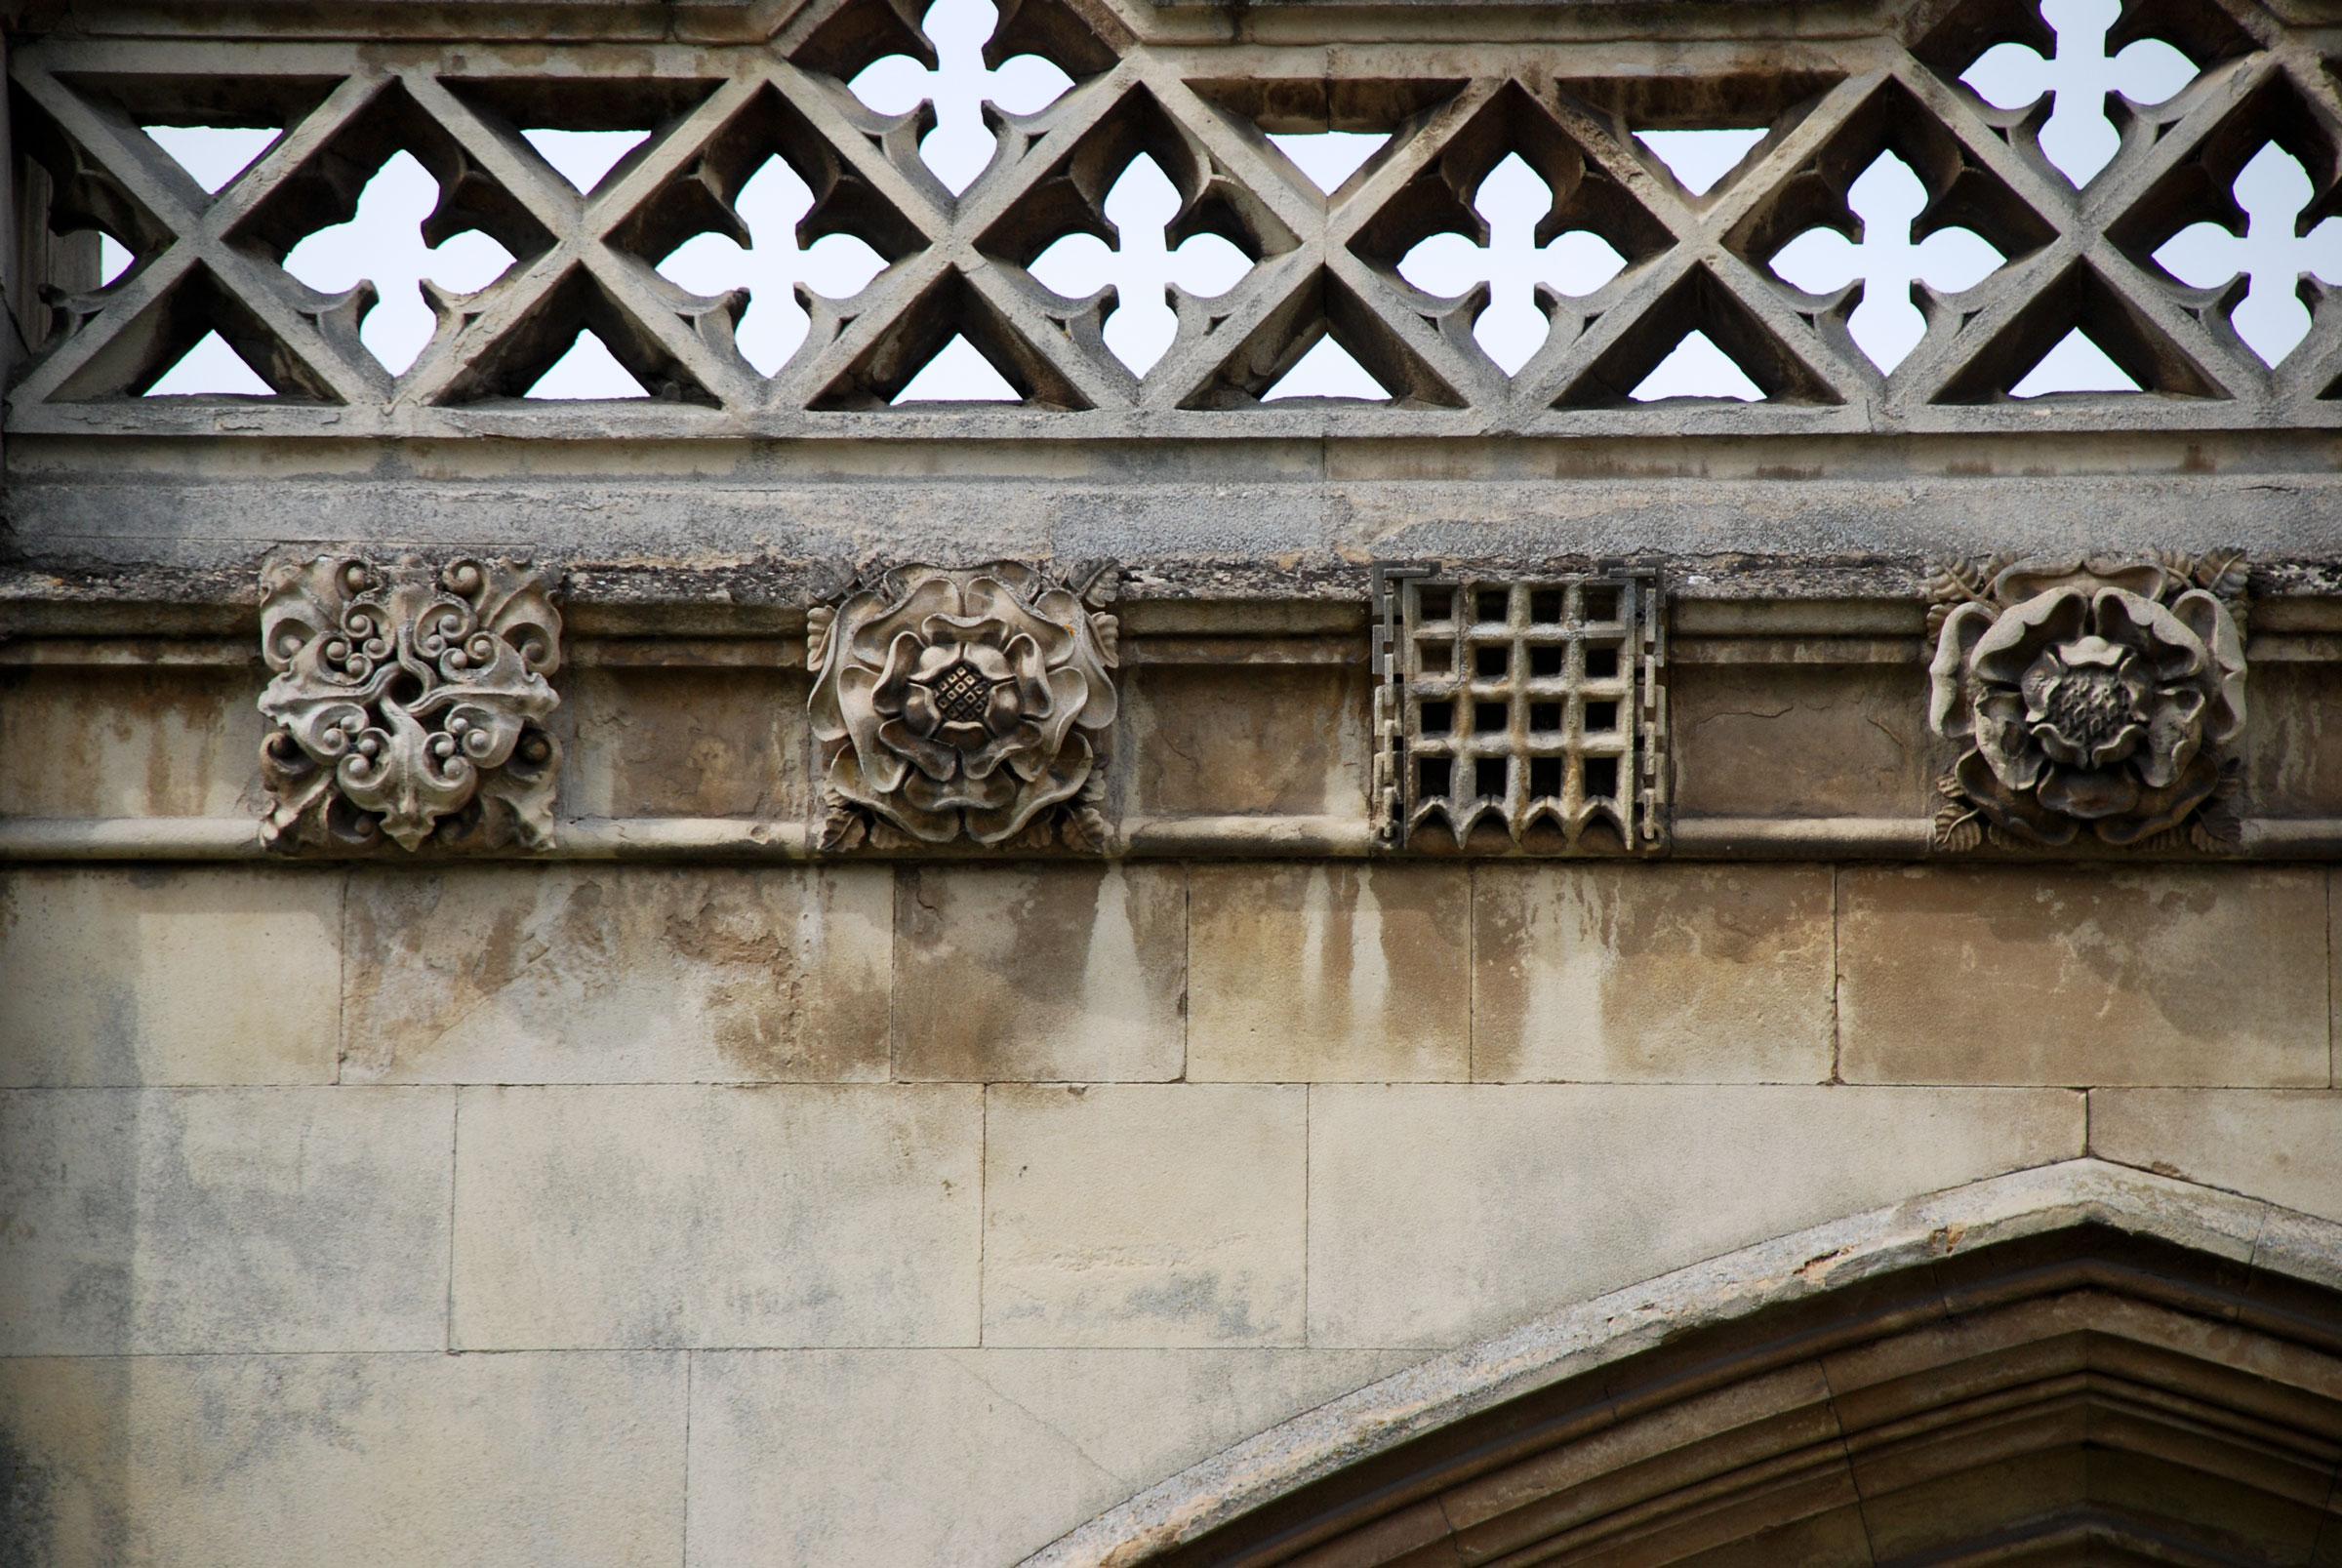 Repaired original carving